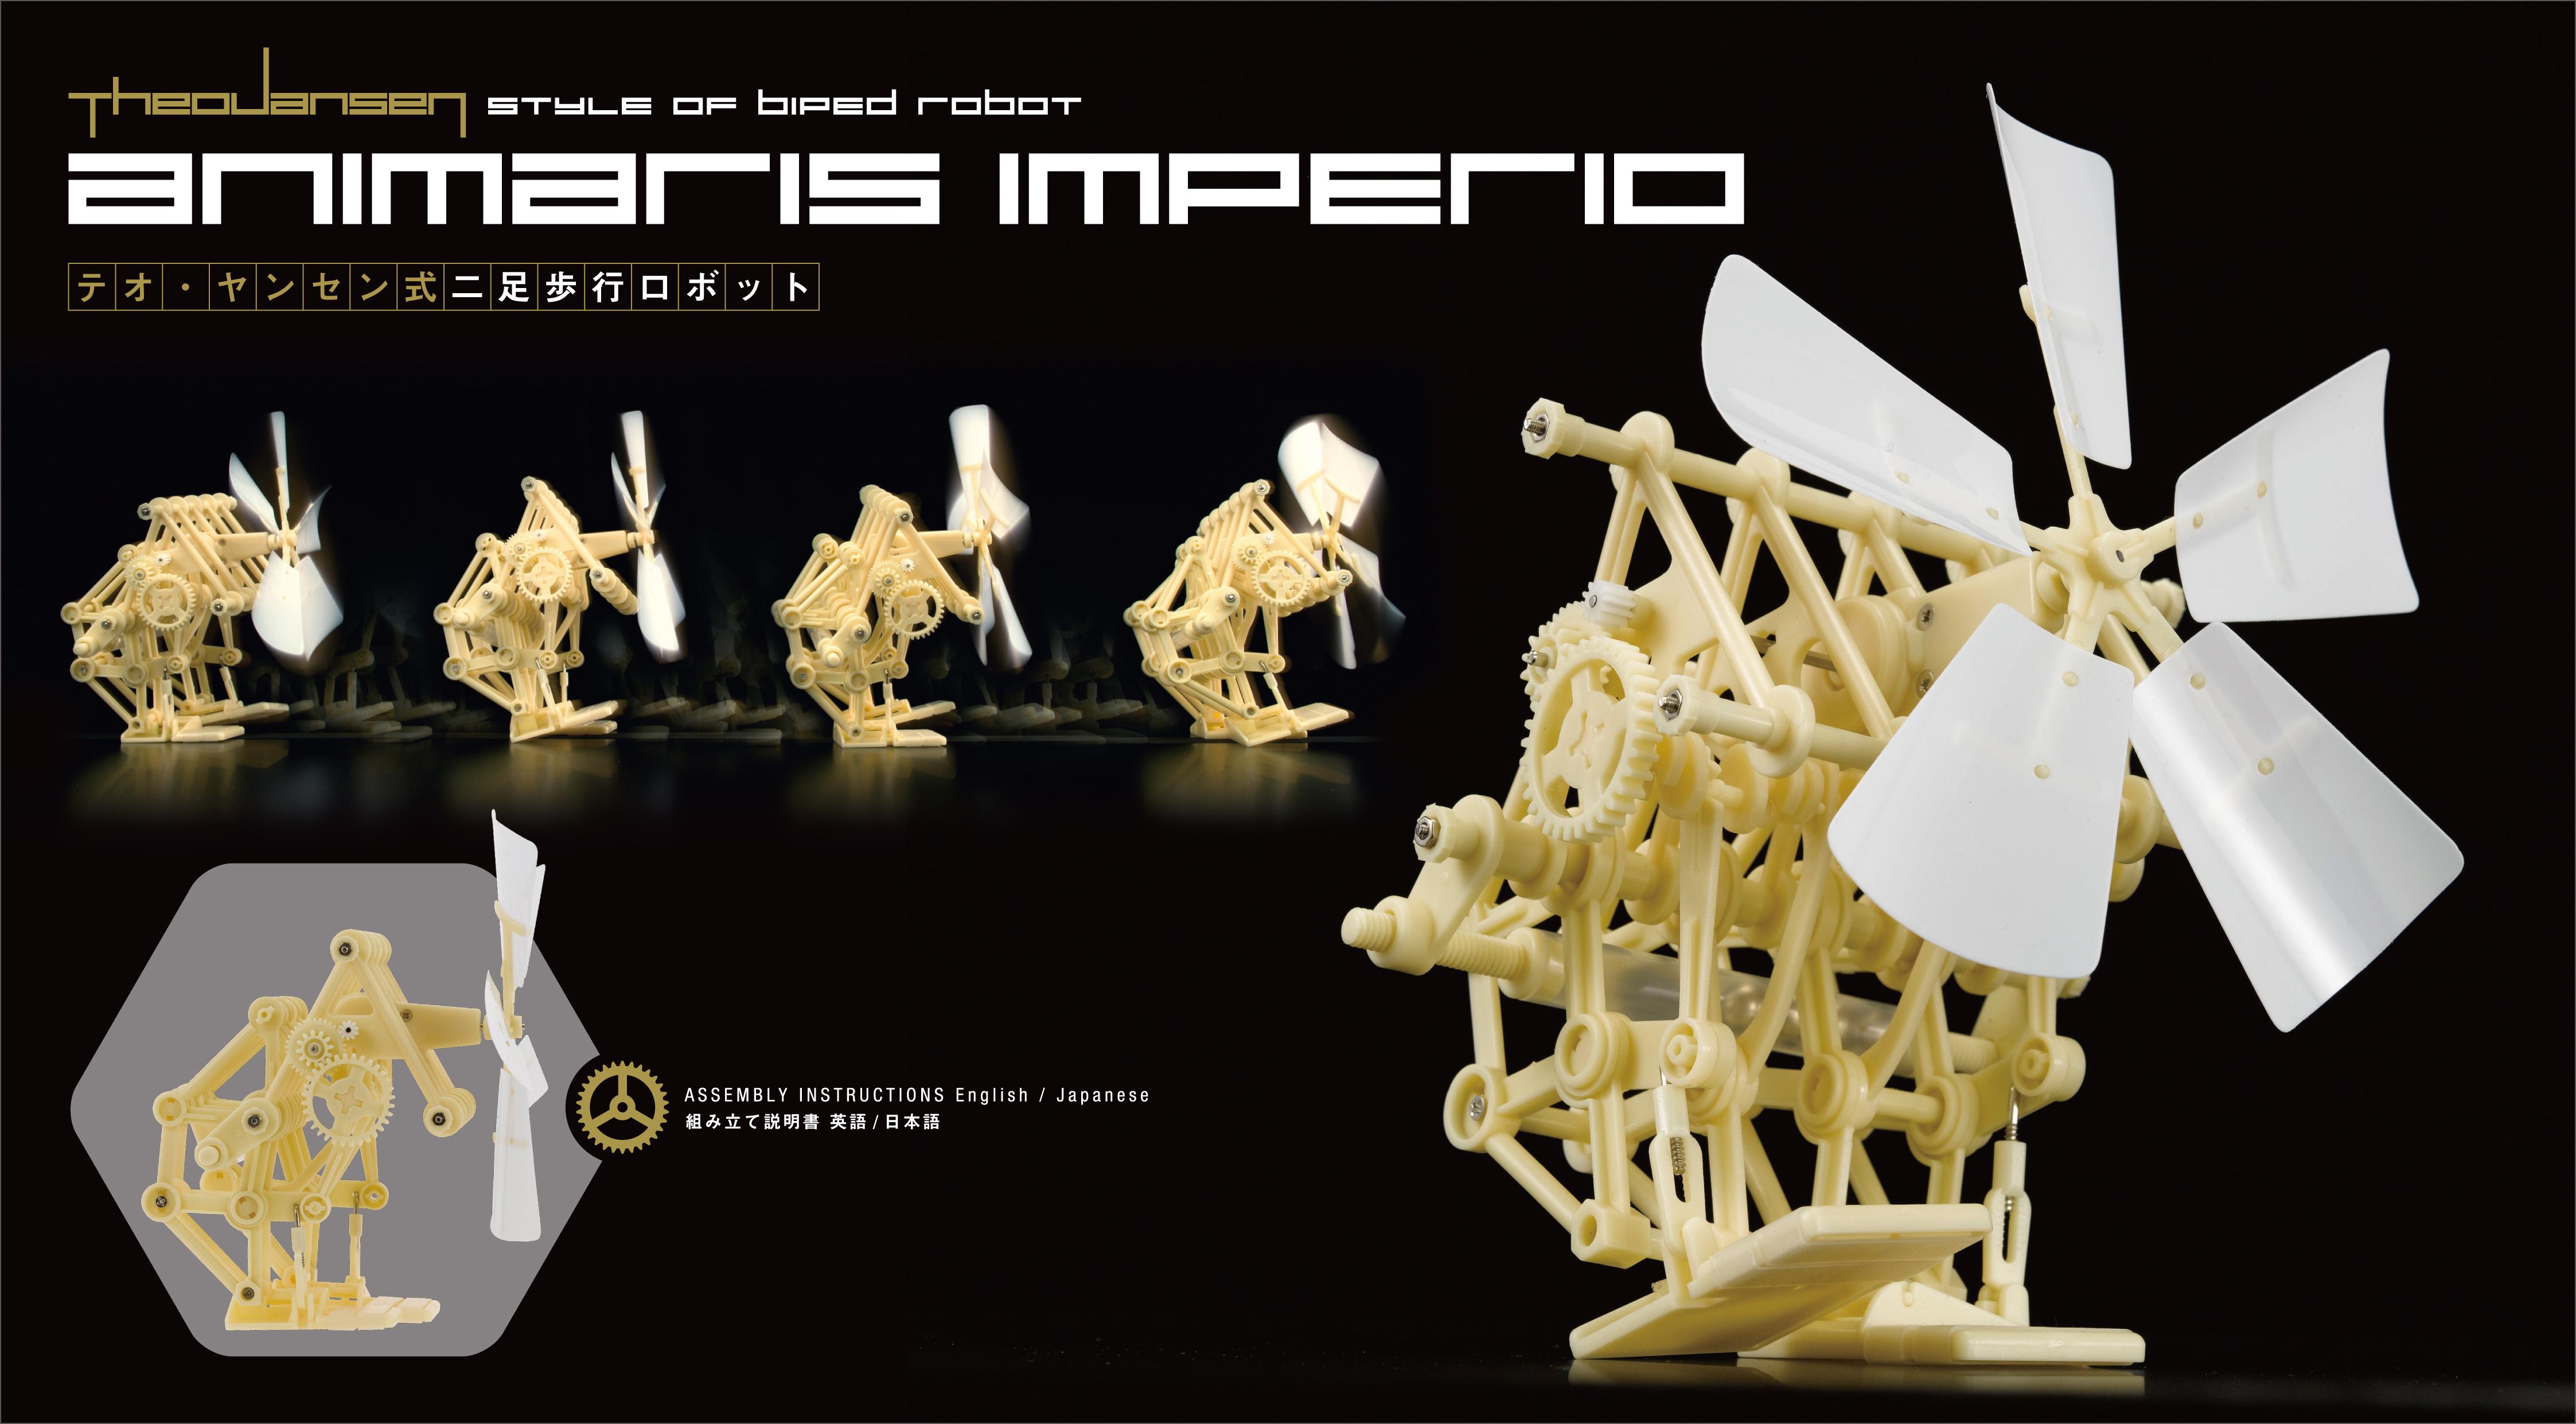 「テオ・ヤンセン式 二足歩行ロボット」画像